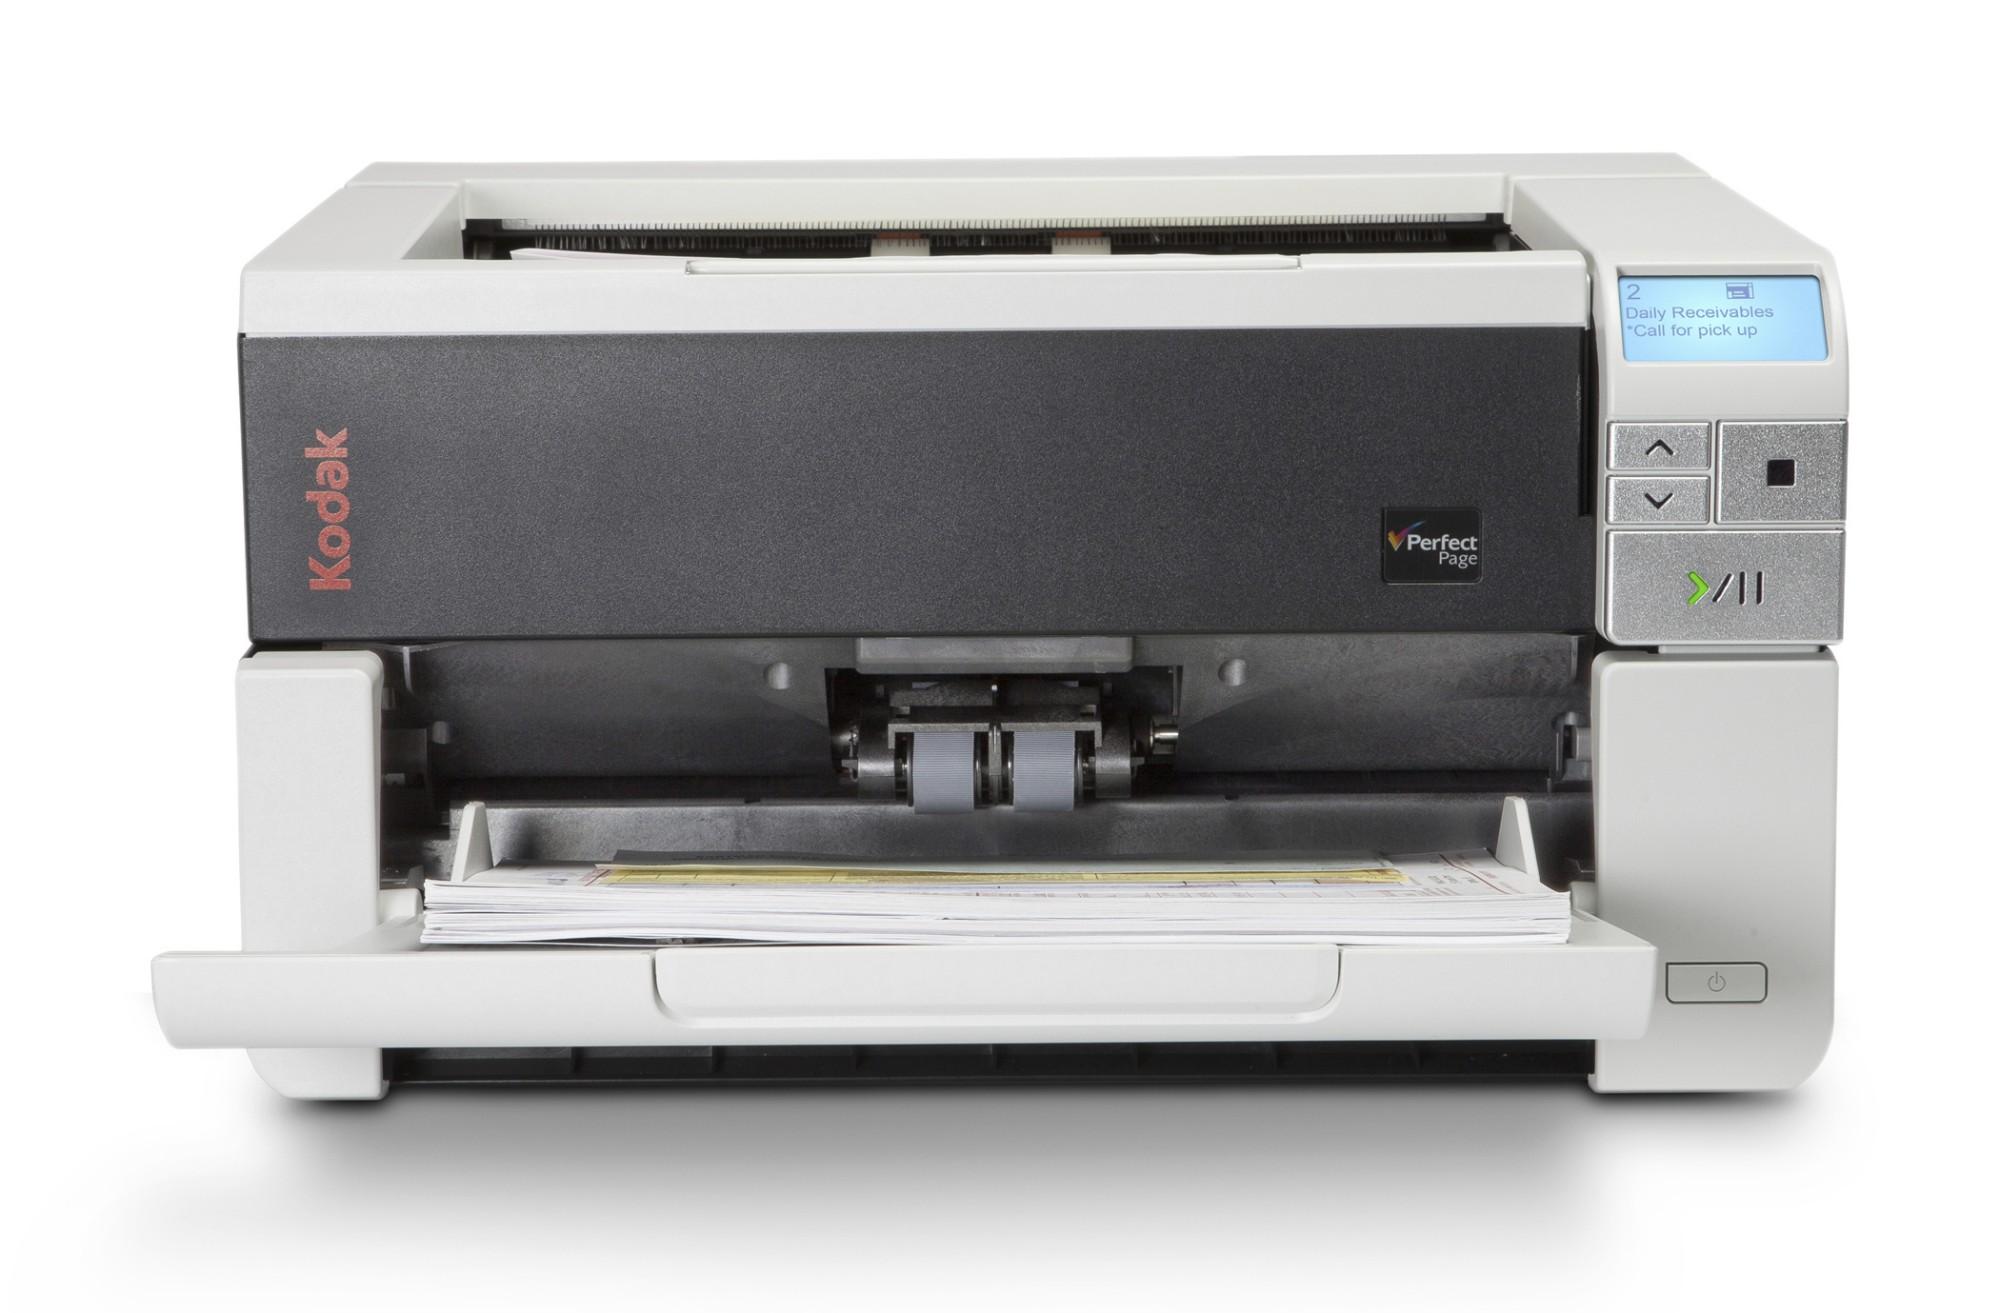 Kodak i3200 Scanner 600 x 600 DPI Escáner con alimentador automático de documentos (ADF) Negro, Gris A3